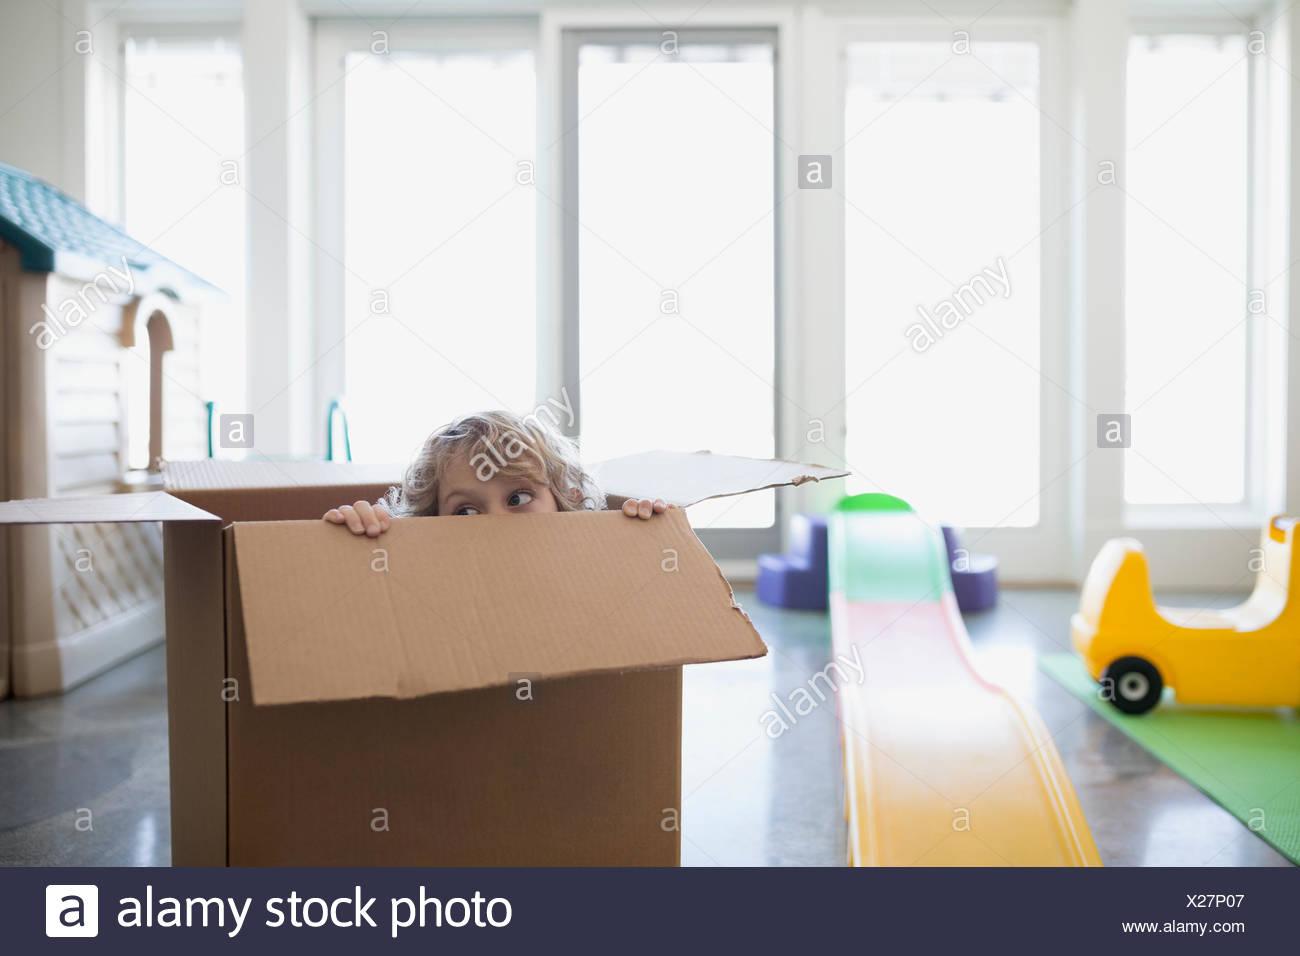 Boy escondidos en cajas de cartón Imagen De Stock